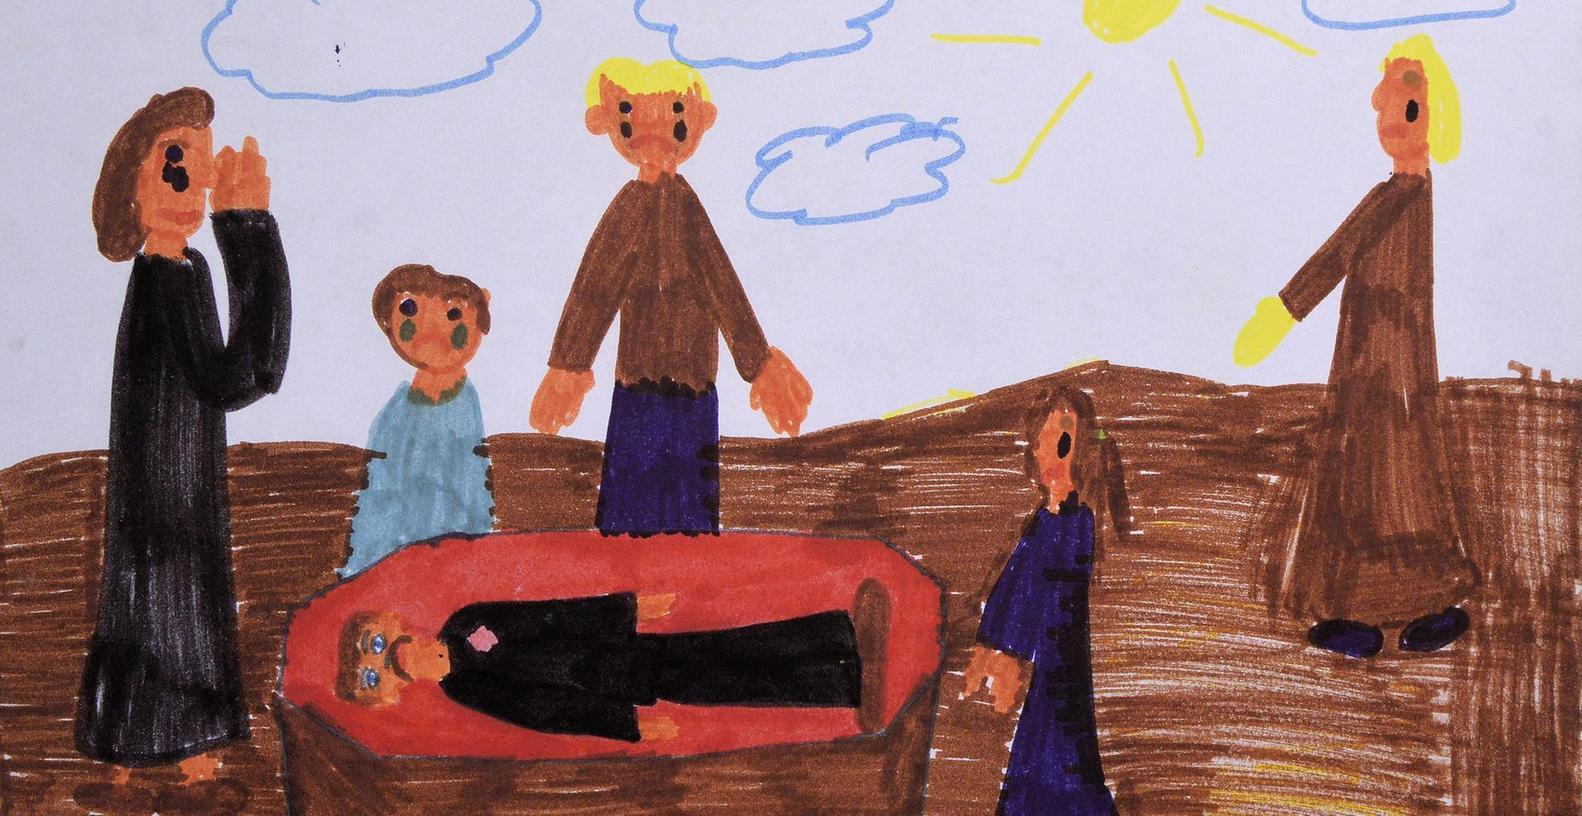 Tränen, Trauer, dunkle Farben — ein geliebter Mensch wird beerdigt. Berührende Kinderbilder zum Thema Sterben sind derzeit in der Evangelischen Hochschule zu sehen.